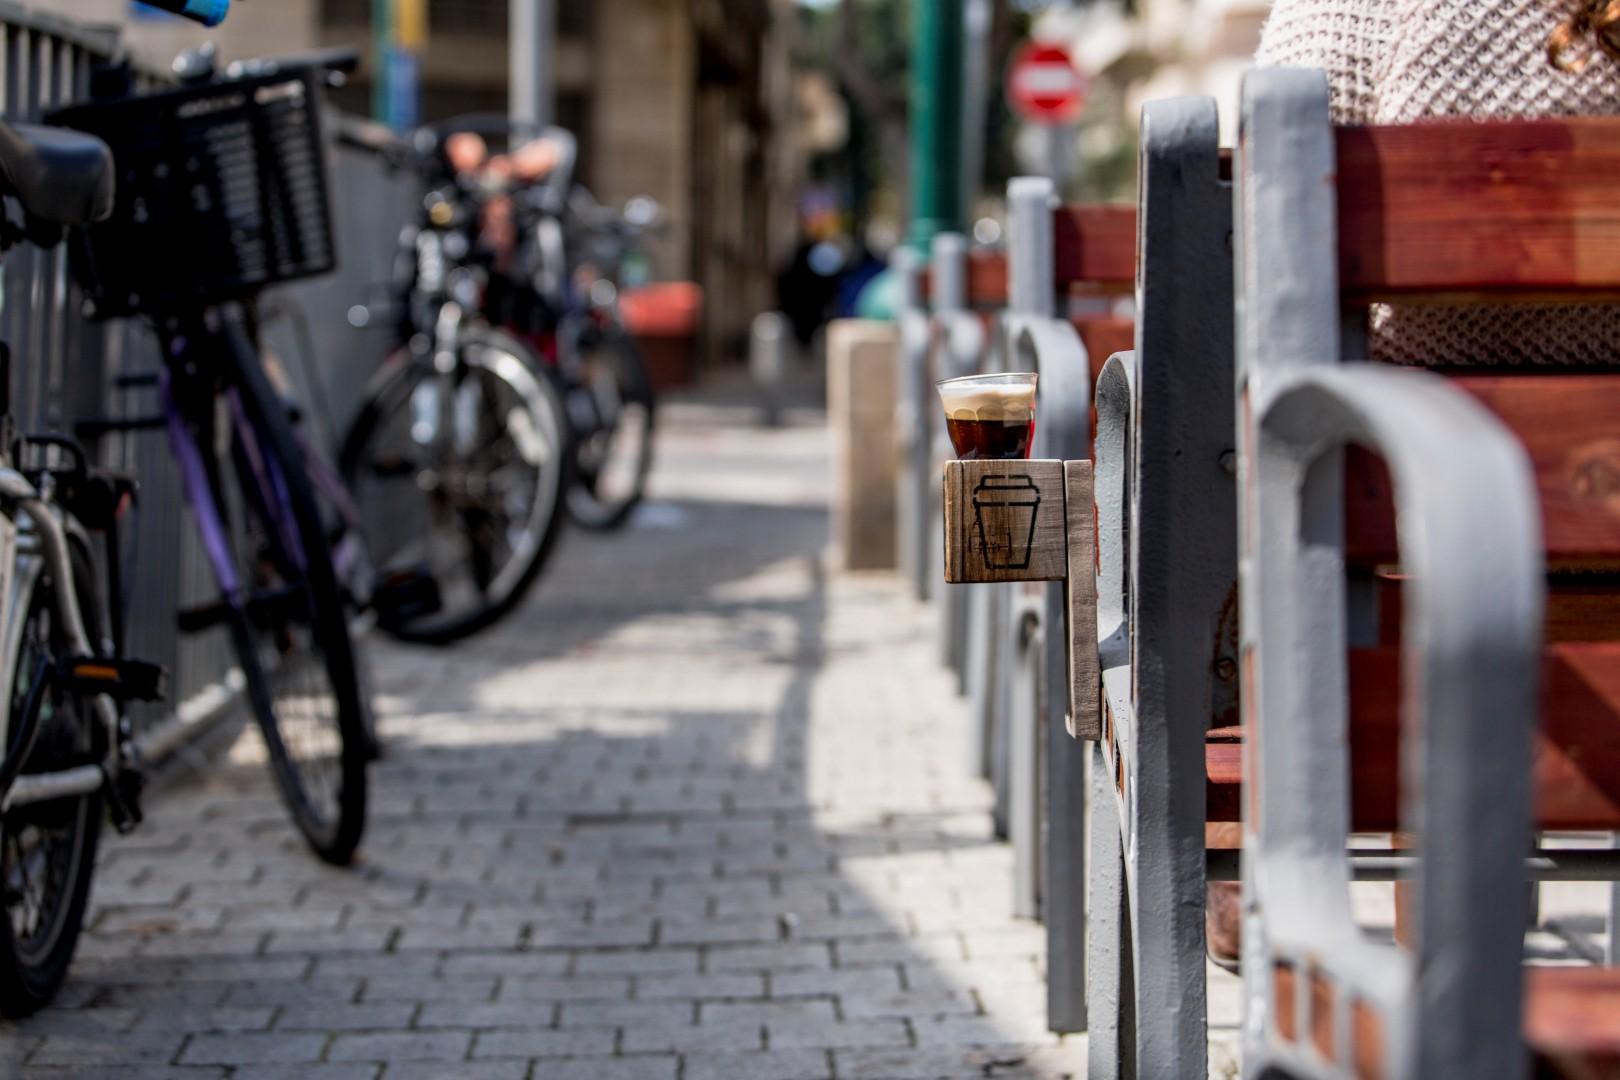 להיות במרכז התרבות - מתחם נגה תל אביב (צילום: מנש כהן)